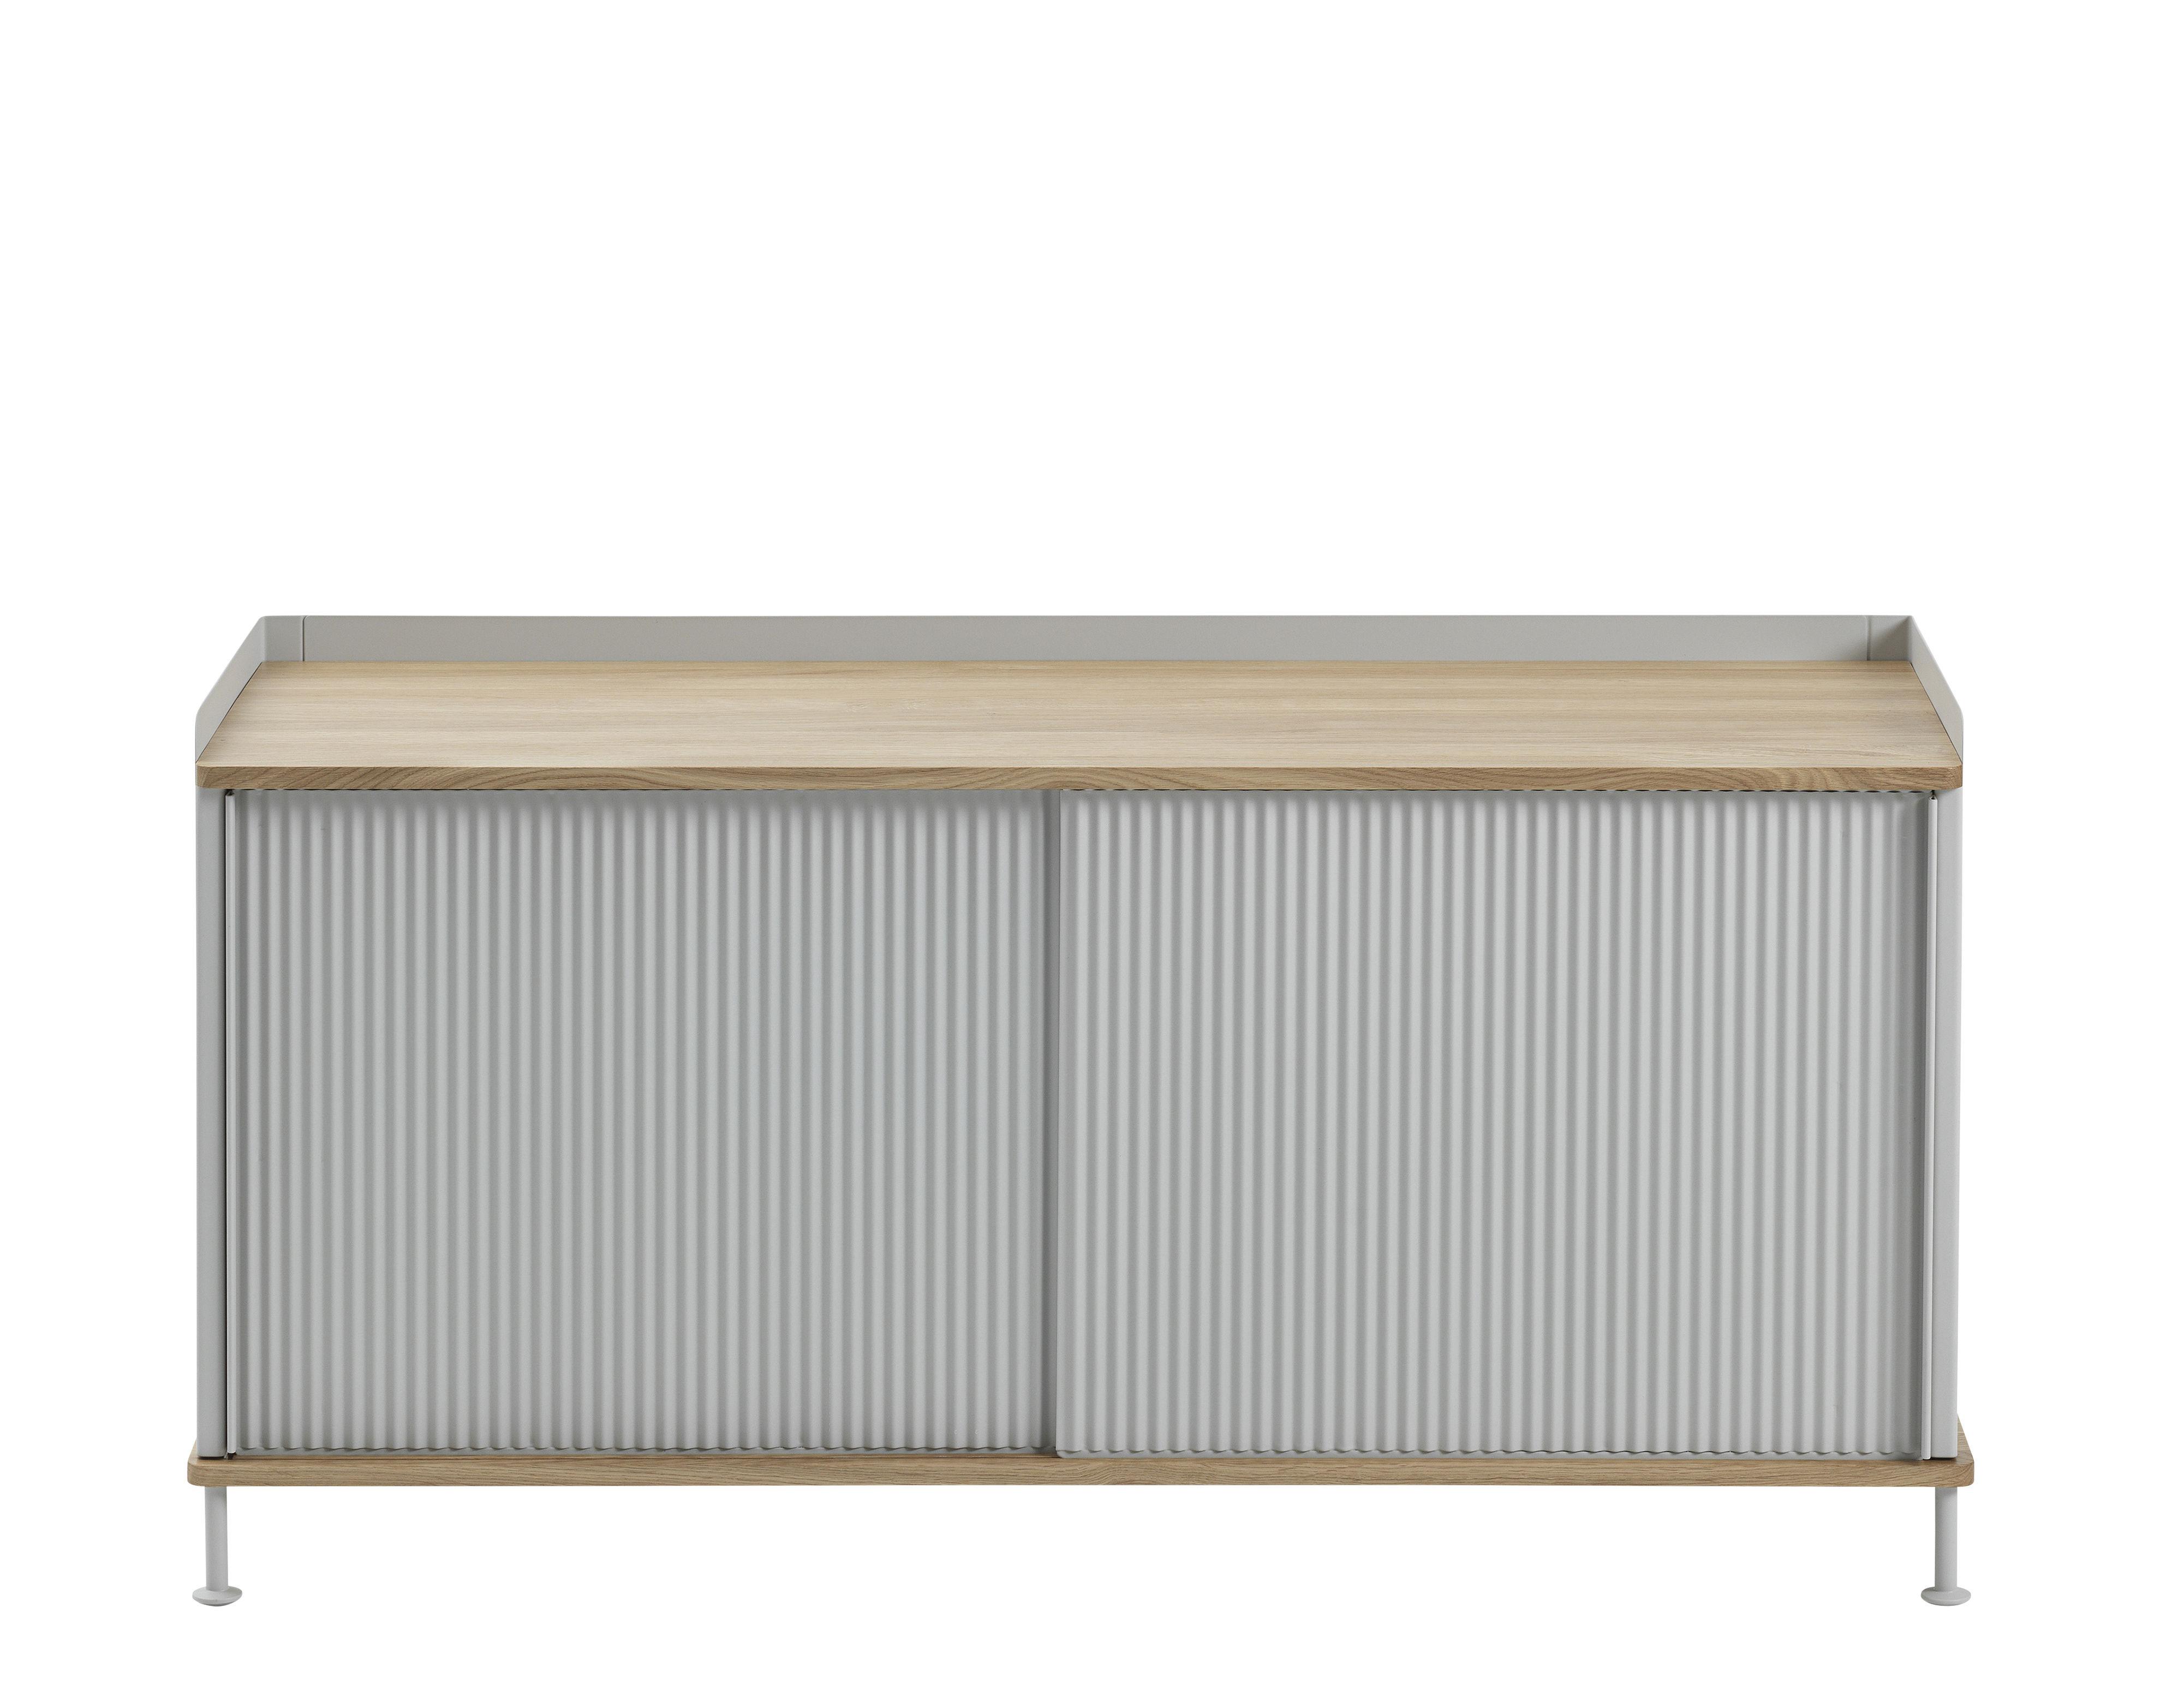 Möbel - Kommode und Anrichte - Enfold Lowboard / Stahl & Eiche natur - Muuto - Eiche / grau - lackierter Stahl, massive Eiche